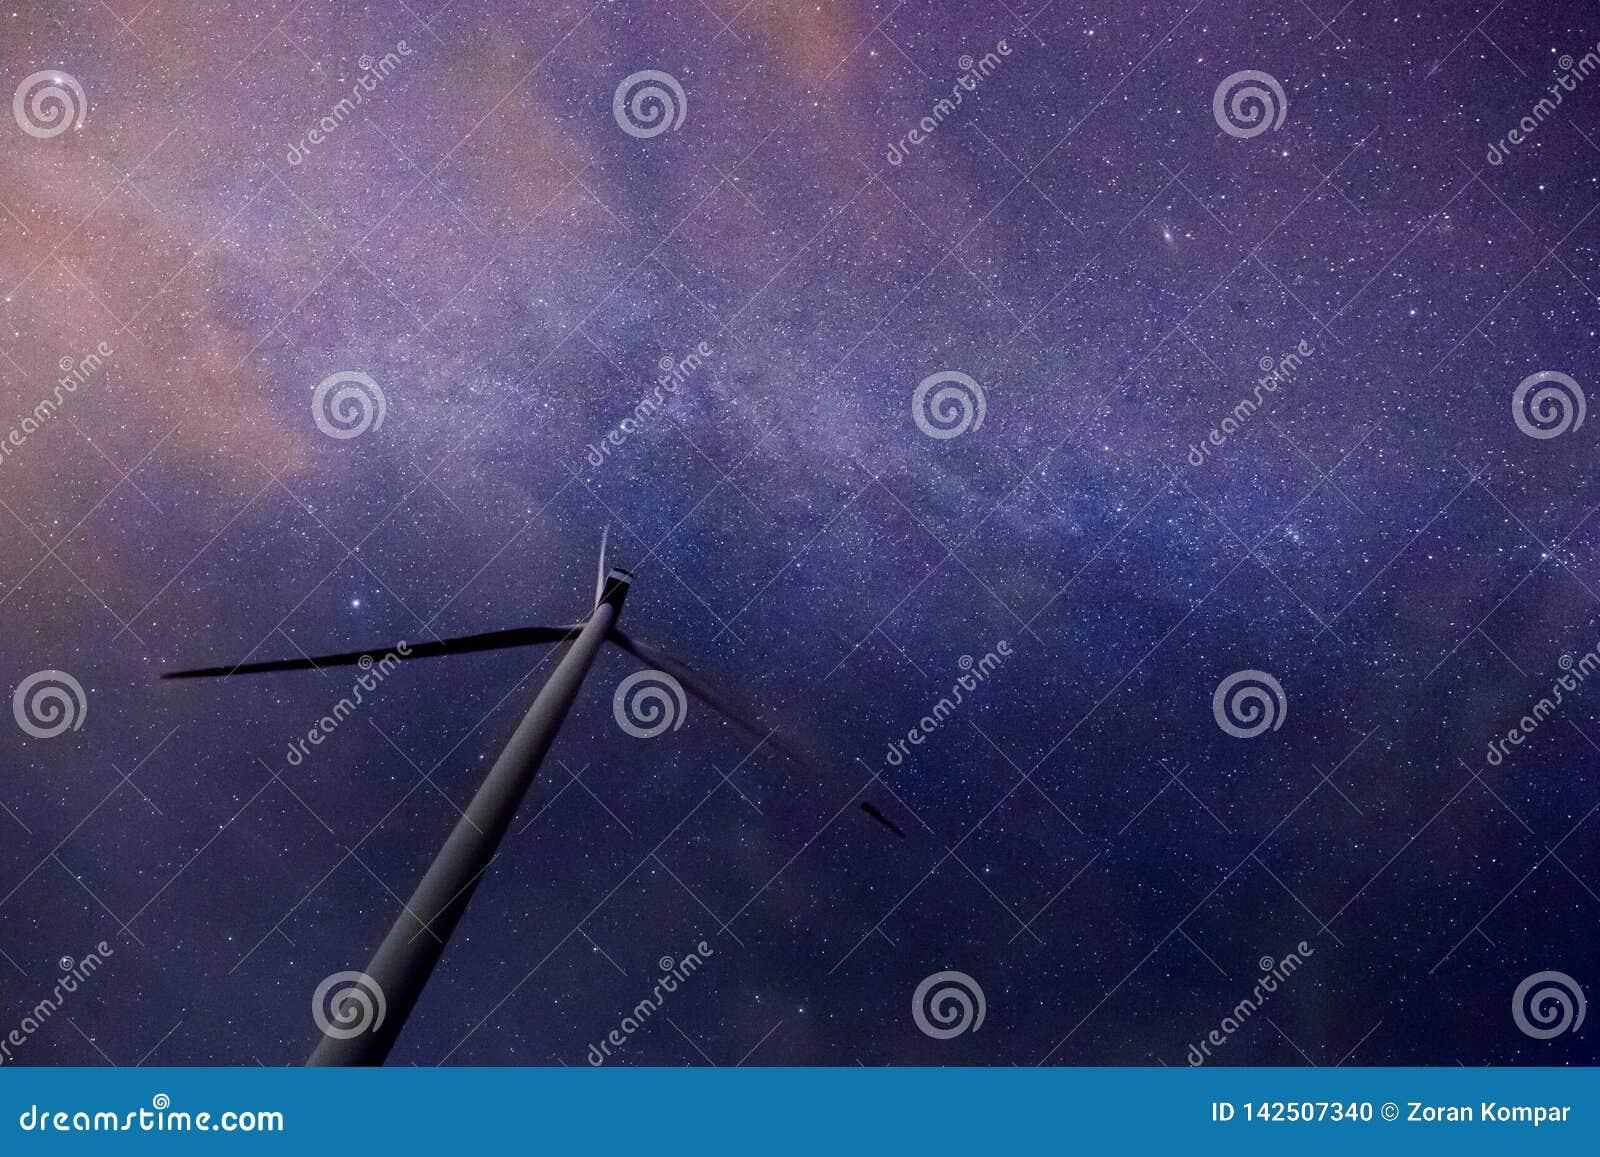 Jeden silnik wiatrowy z piękną drogą mleczną w tle z jaskrawymi gwiazdami nad mieszkanie ziemią przy północą